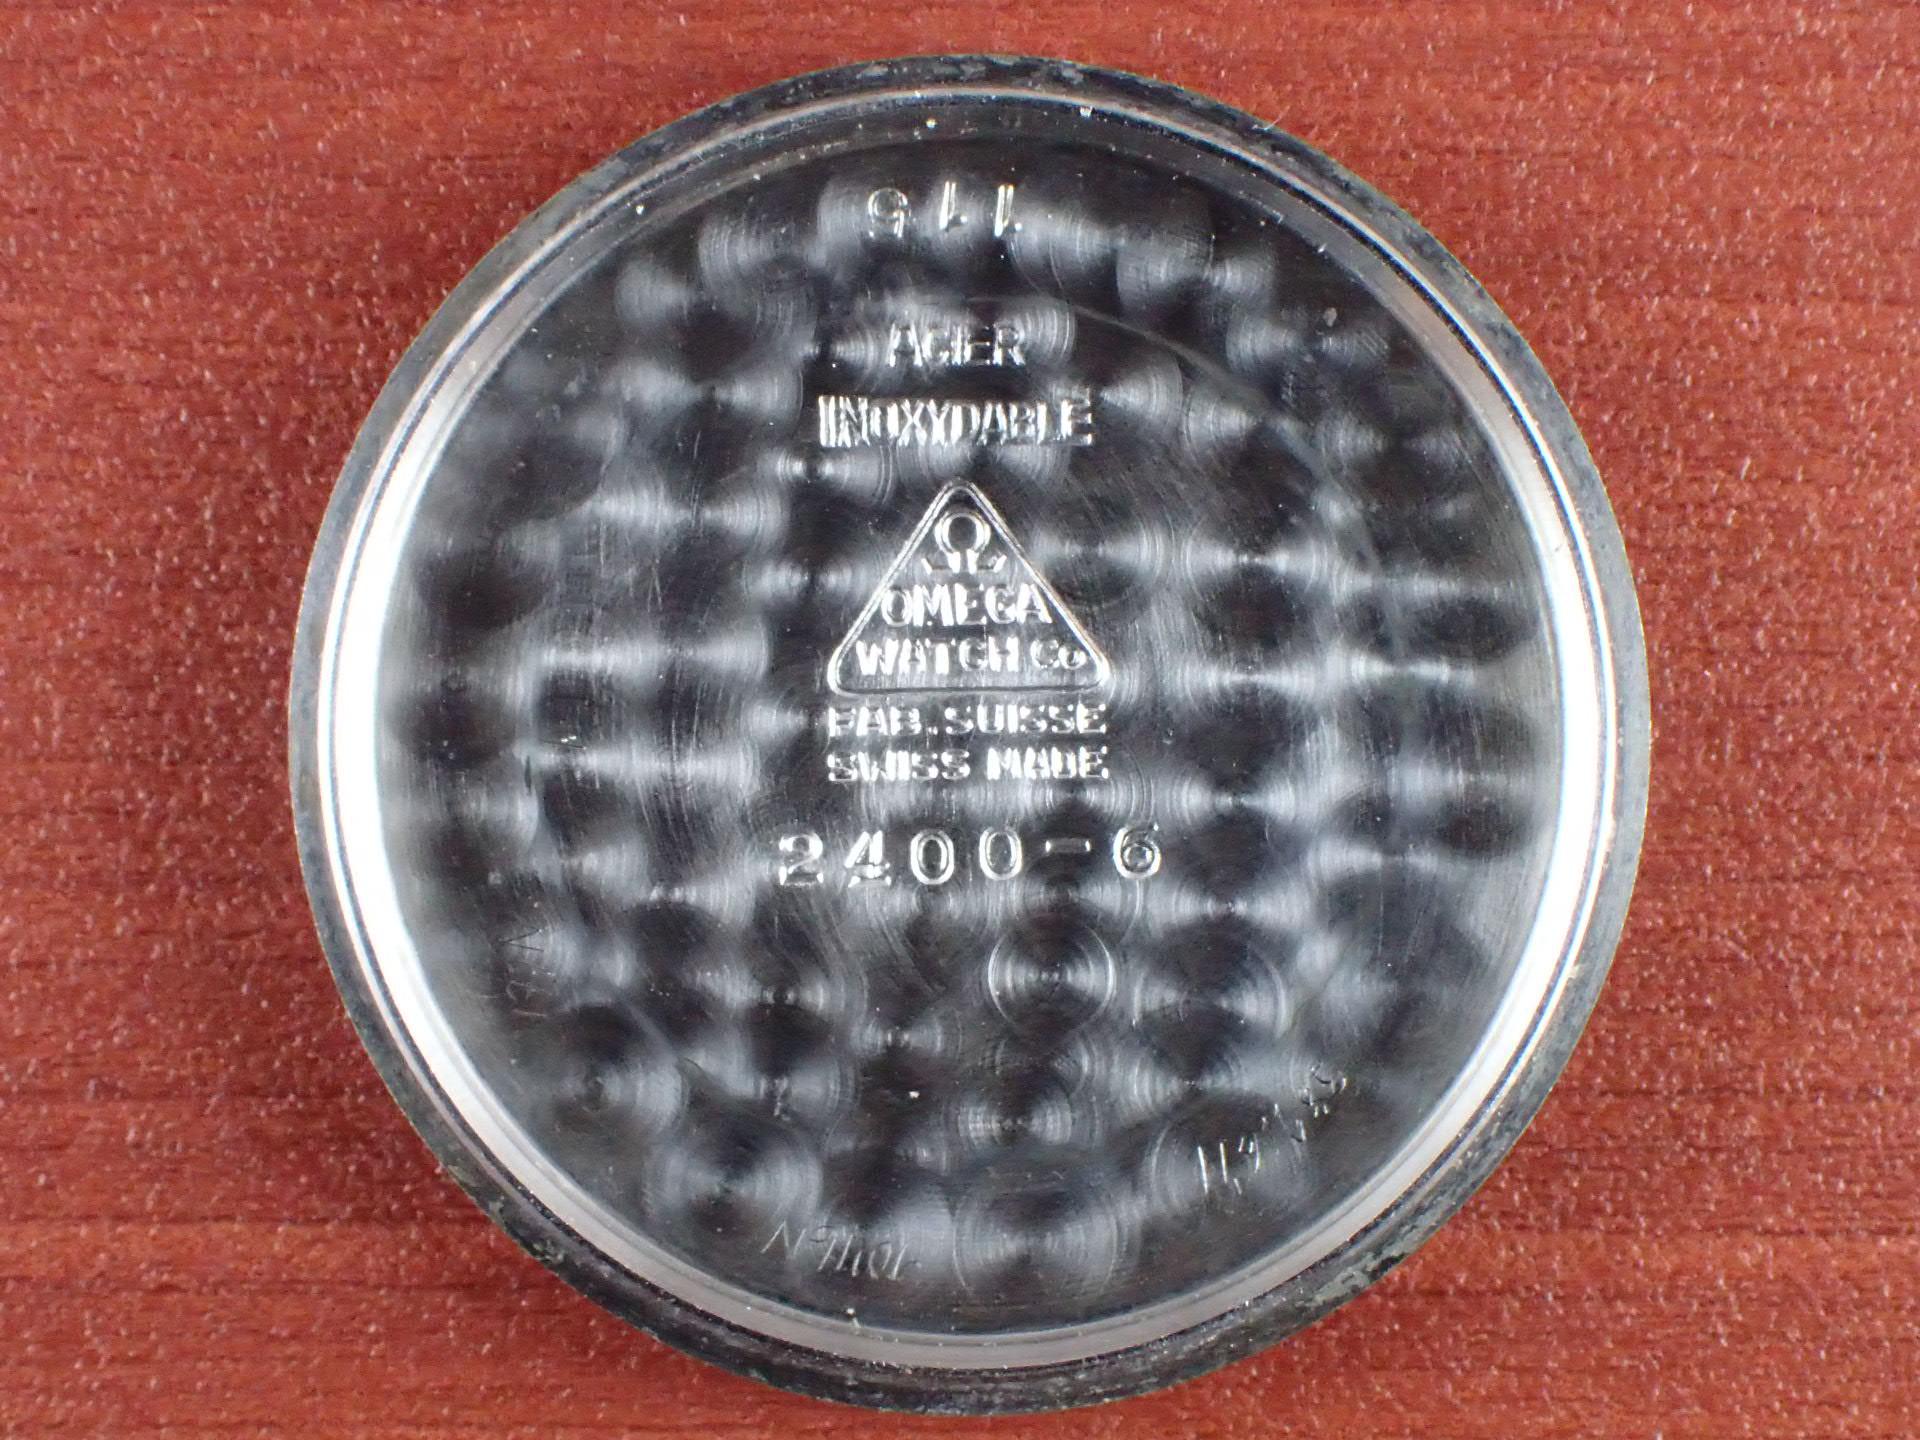 オメガ 30mmキャリバー スベラン ブルズアイ ブラック/ホワイト 1940年代の写真6枚目